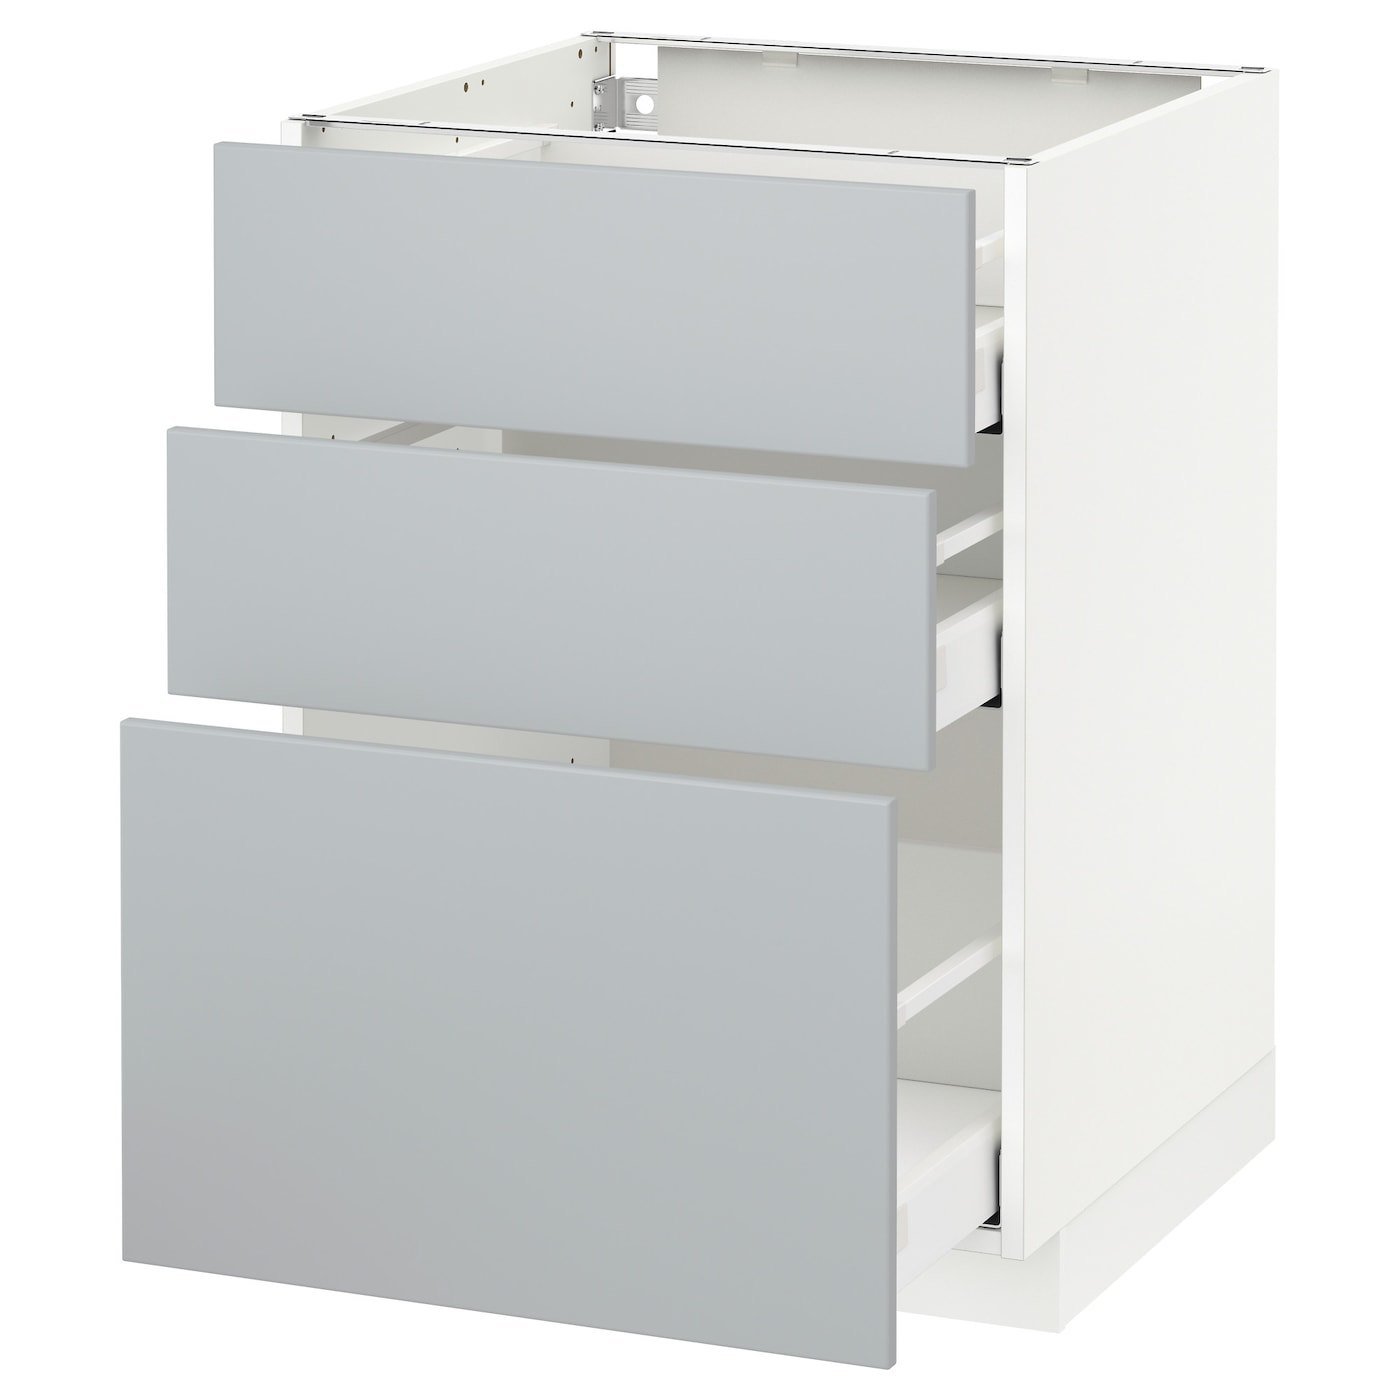 METOD / MAXIMERA Base cabinet with 13 drawers - white, Veddinge grey 13x13 cm